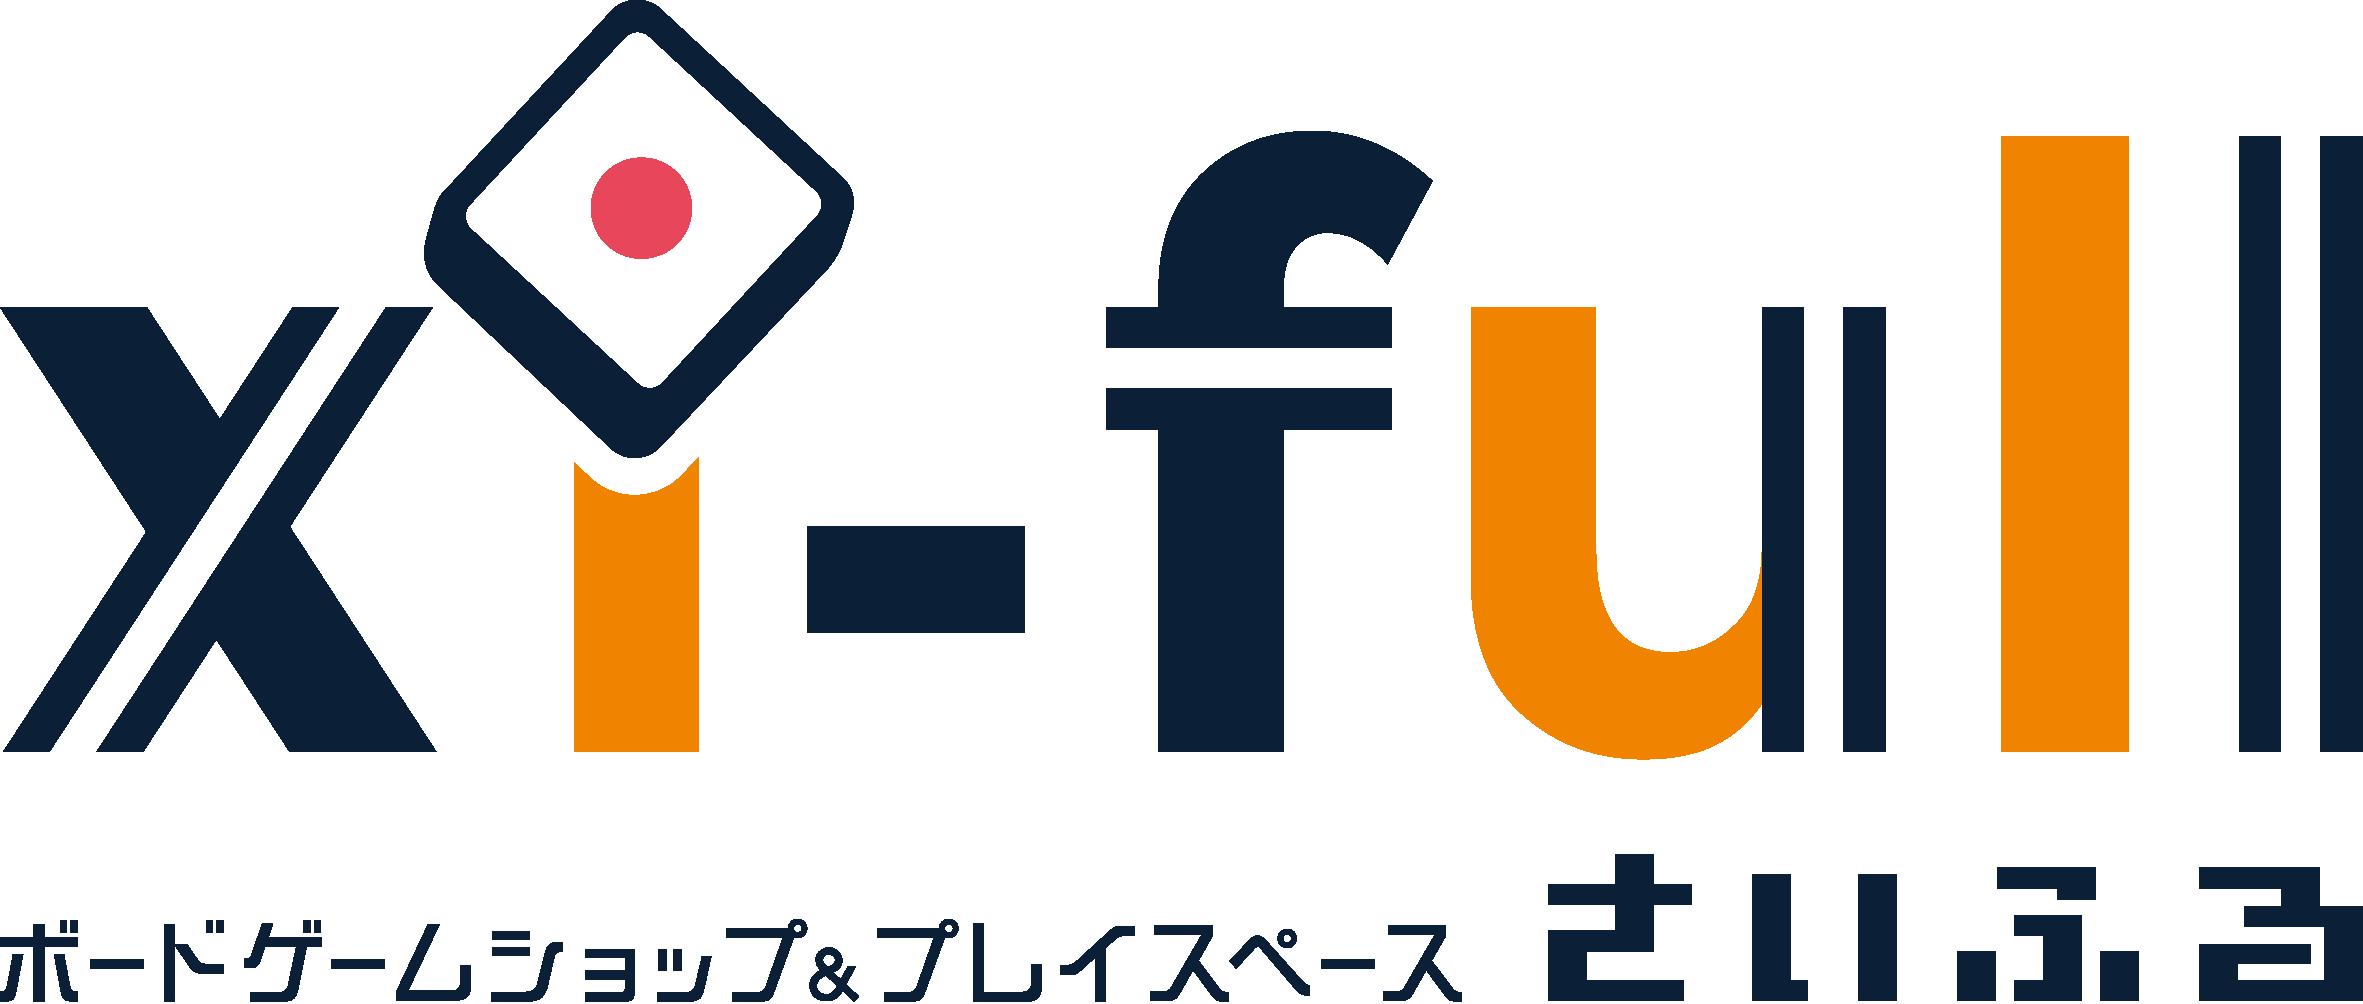 ボードゲームショップ&プレイスペース さいふる[xi-full](サイフル)